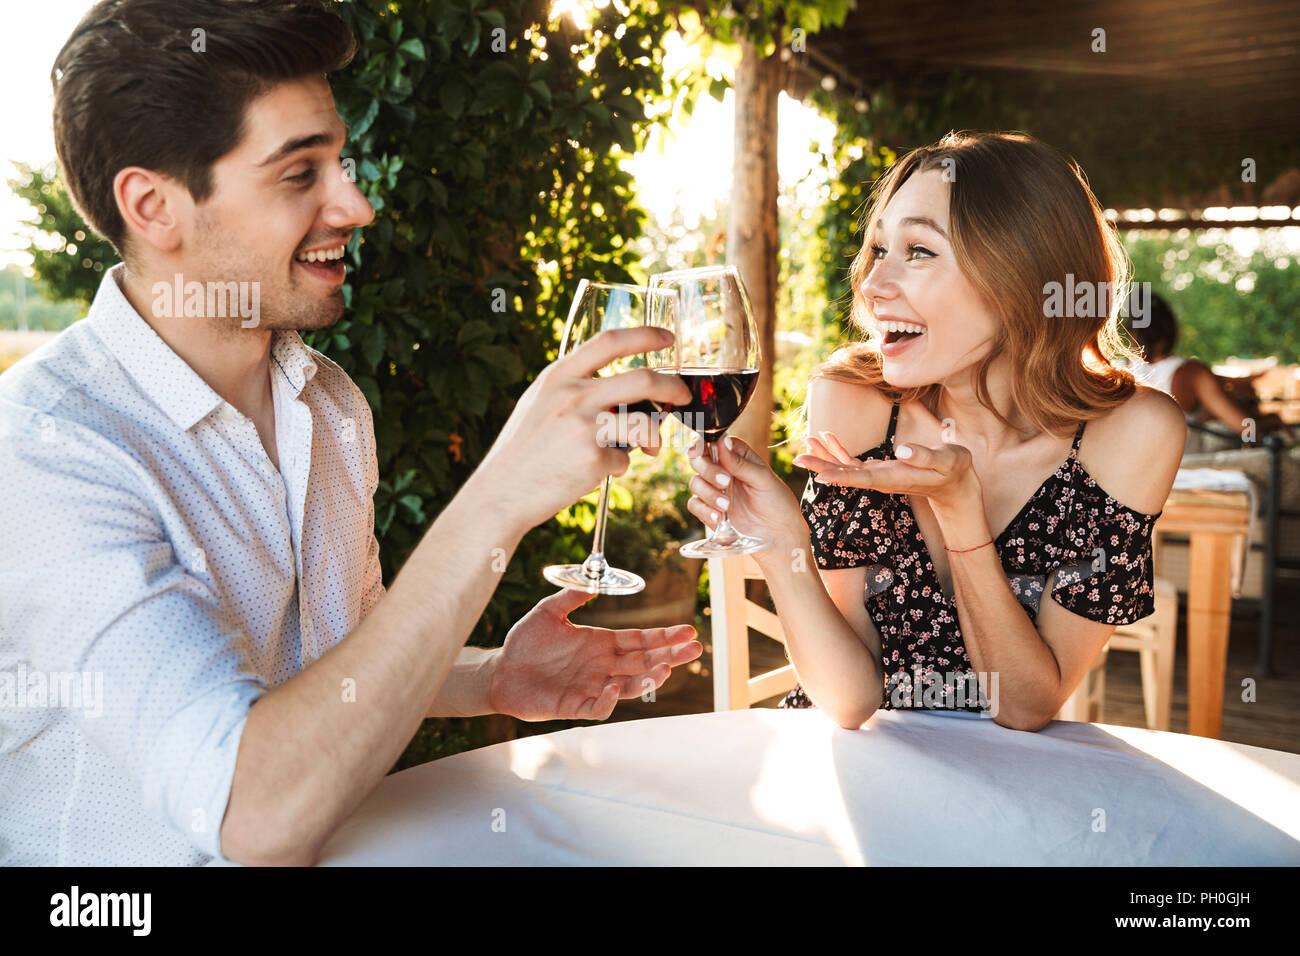 Warum das Dating von großen Jungs besser ist